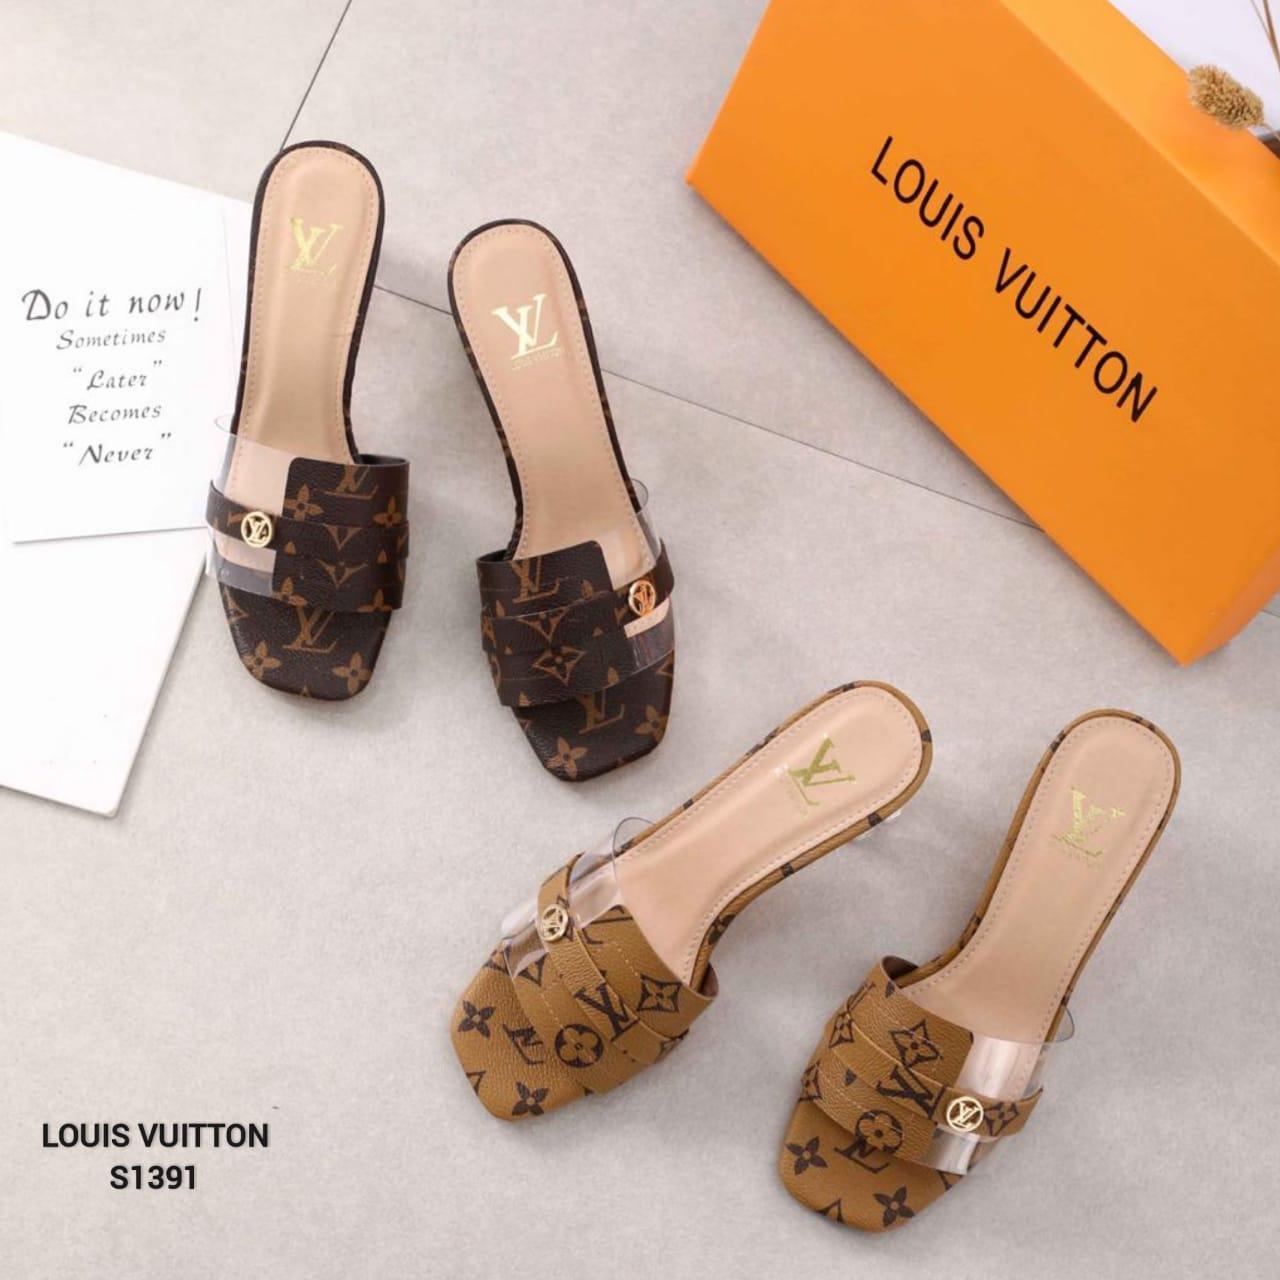 jual sepatu wanita terbaru 2020 AS666M1jual sepatu flat wanita,jual sepatu high heels,jual sepatu hak tinggi